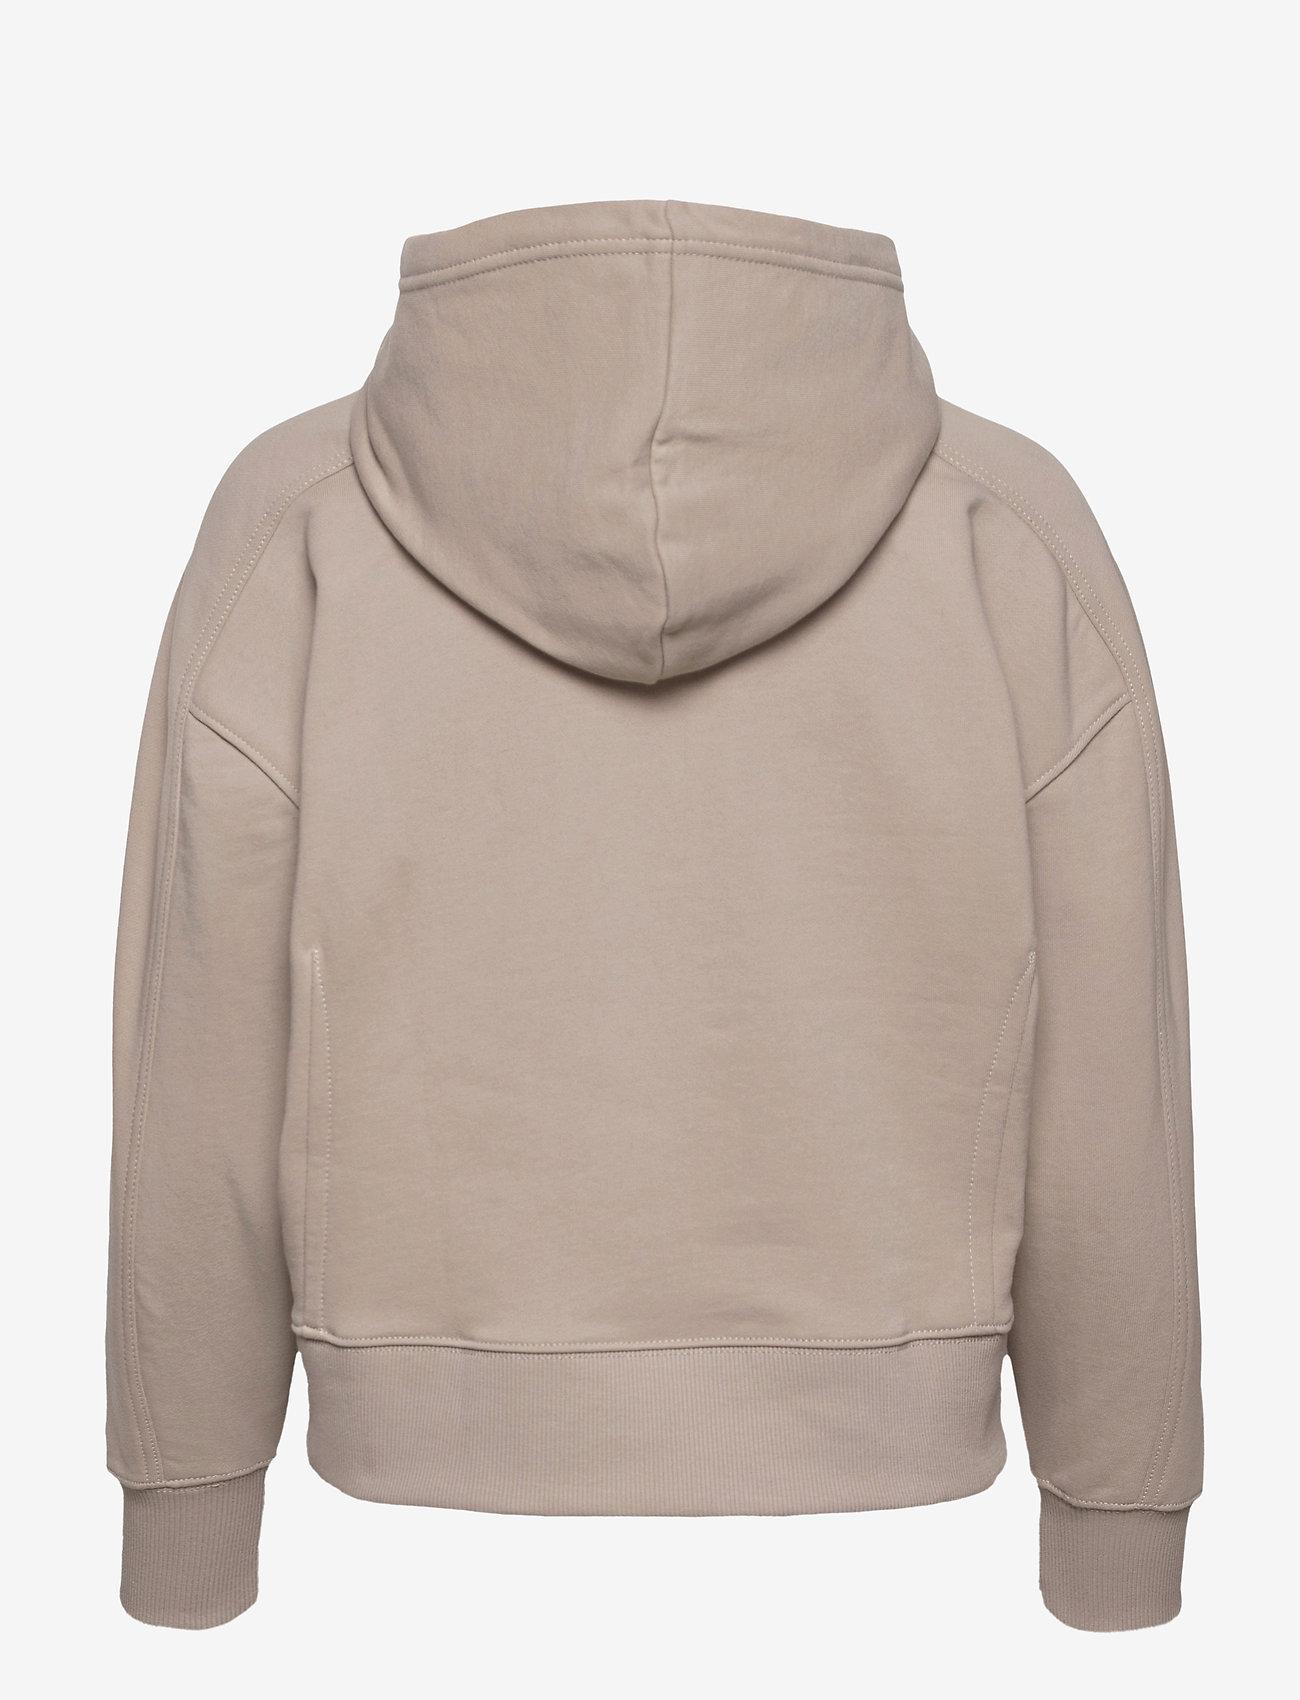 Calvin Klein Jeans - MICRO BRANDING HOODIE - gensere og hettegensere - string - 1